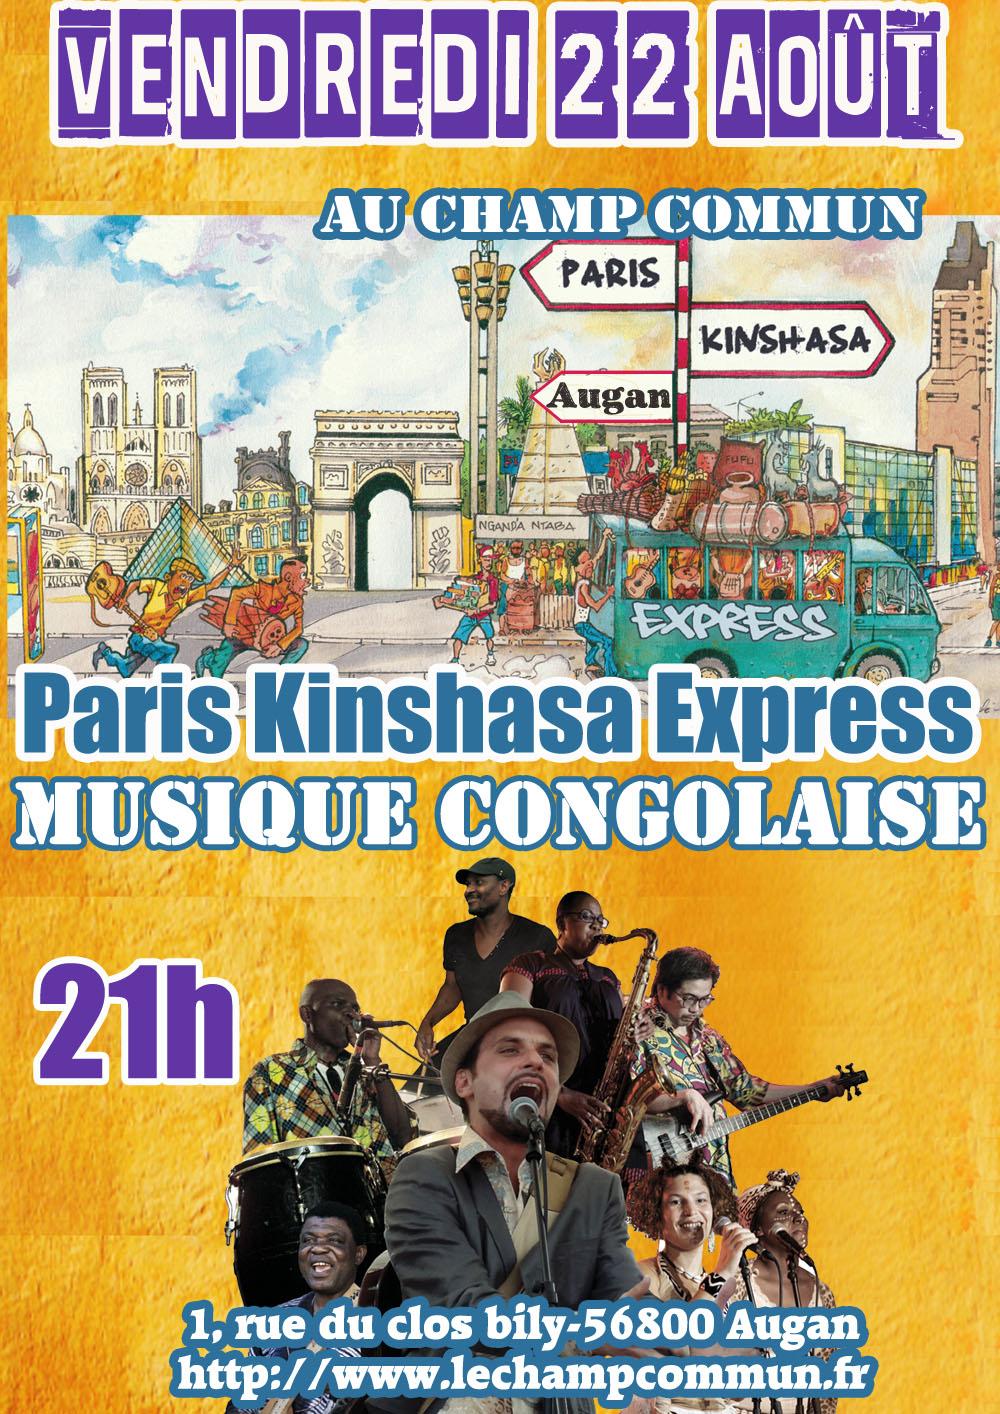 Vendredi 22 Août à 21h au Champ Commun - Musique Congolaise avec Paris Kinshasa Express